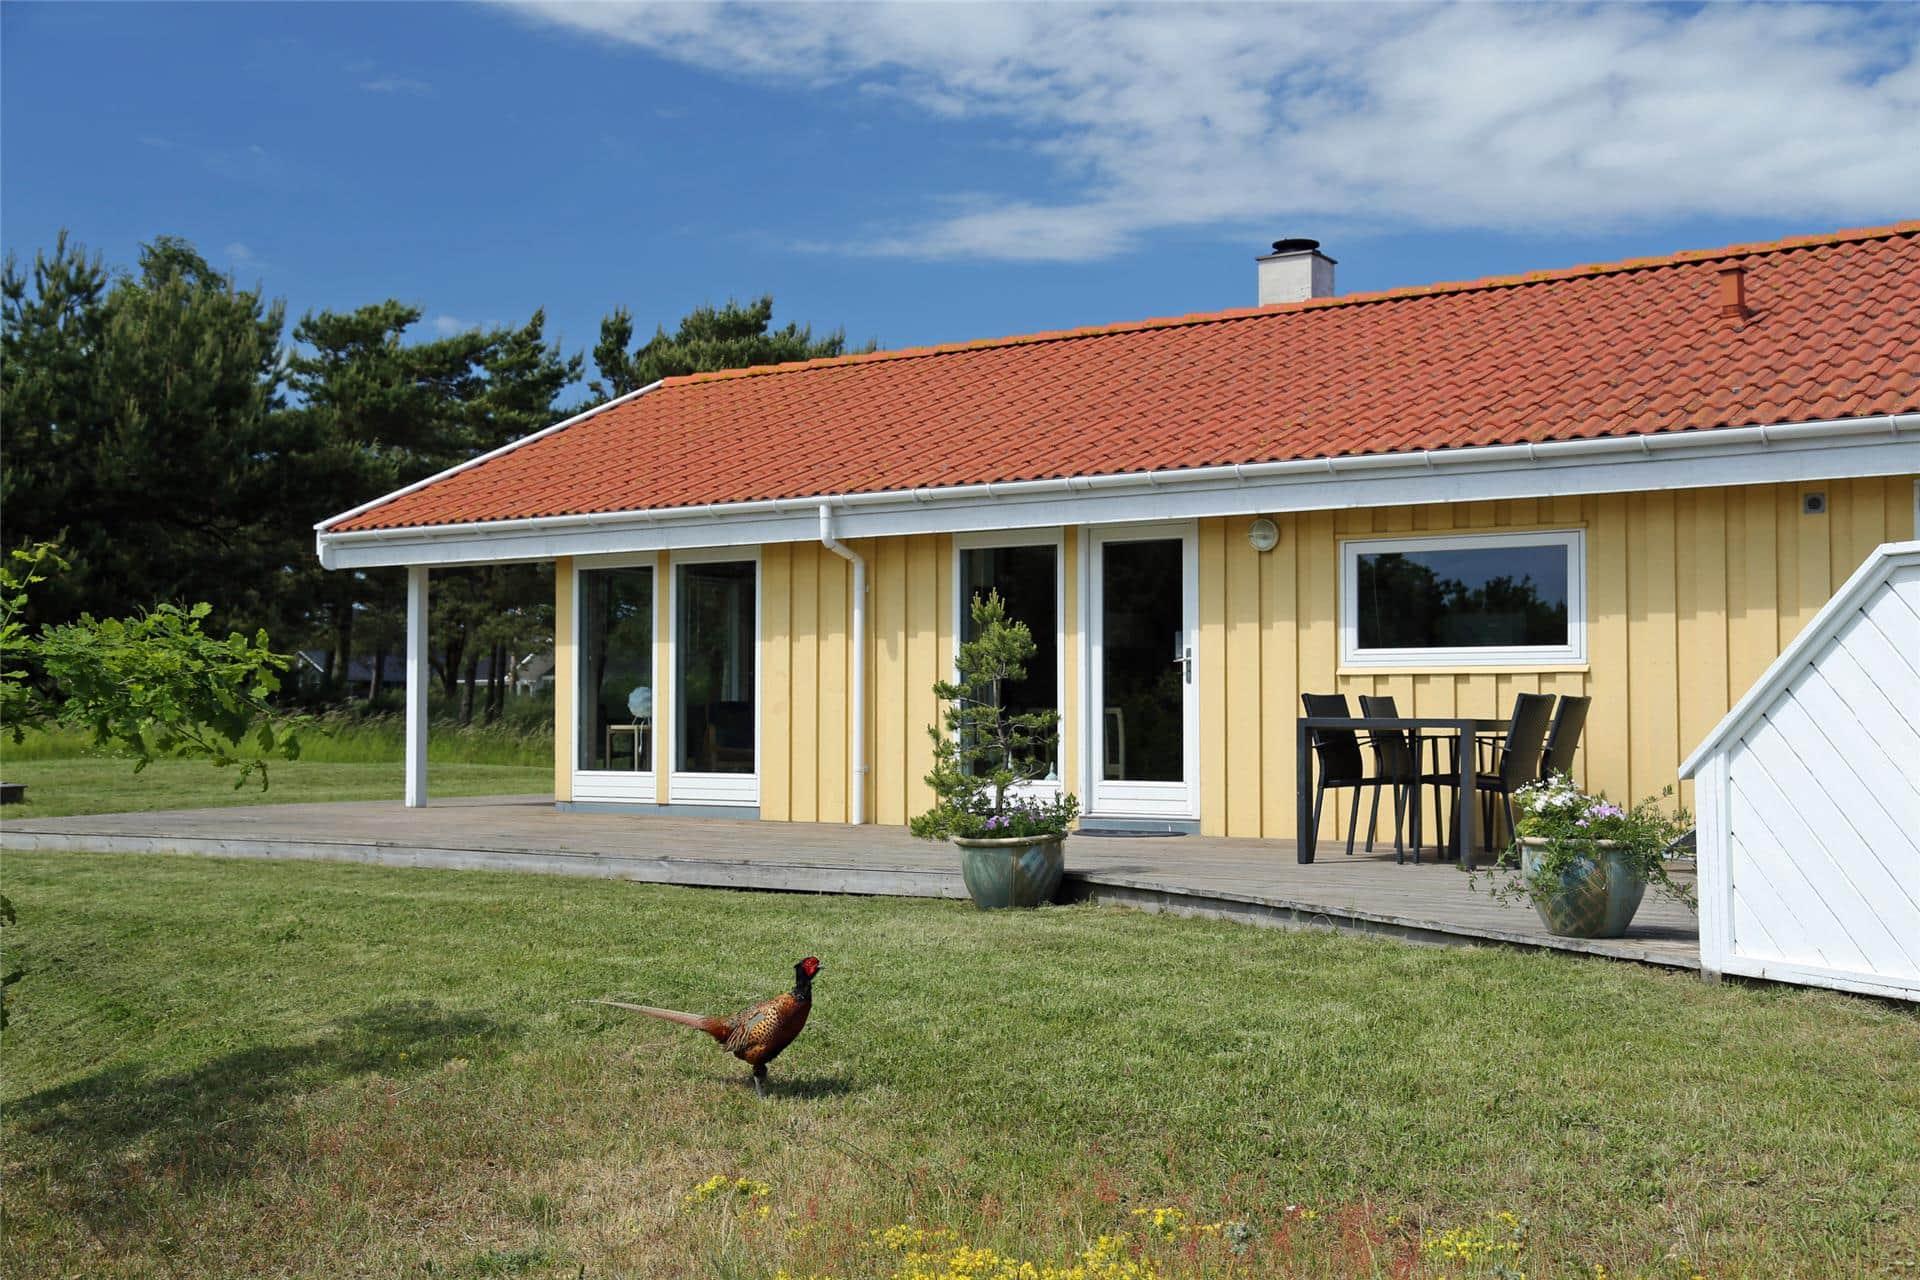 Afbeelding 1-10 Vakantiehuis 1424, Holsteroddevej 11, DK - 3720 Aakirkeby